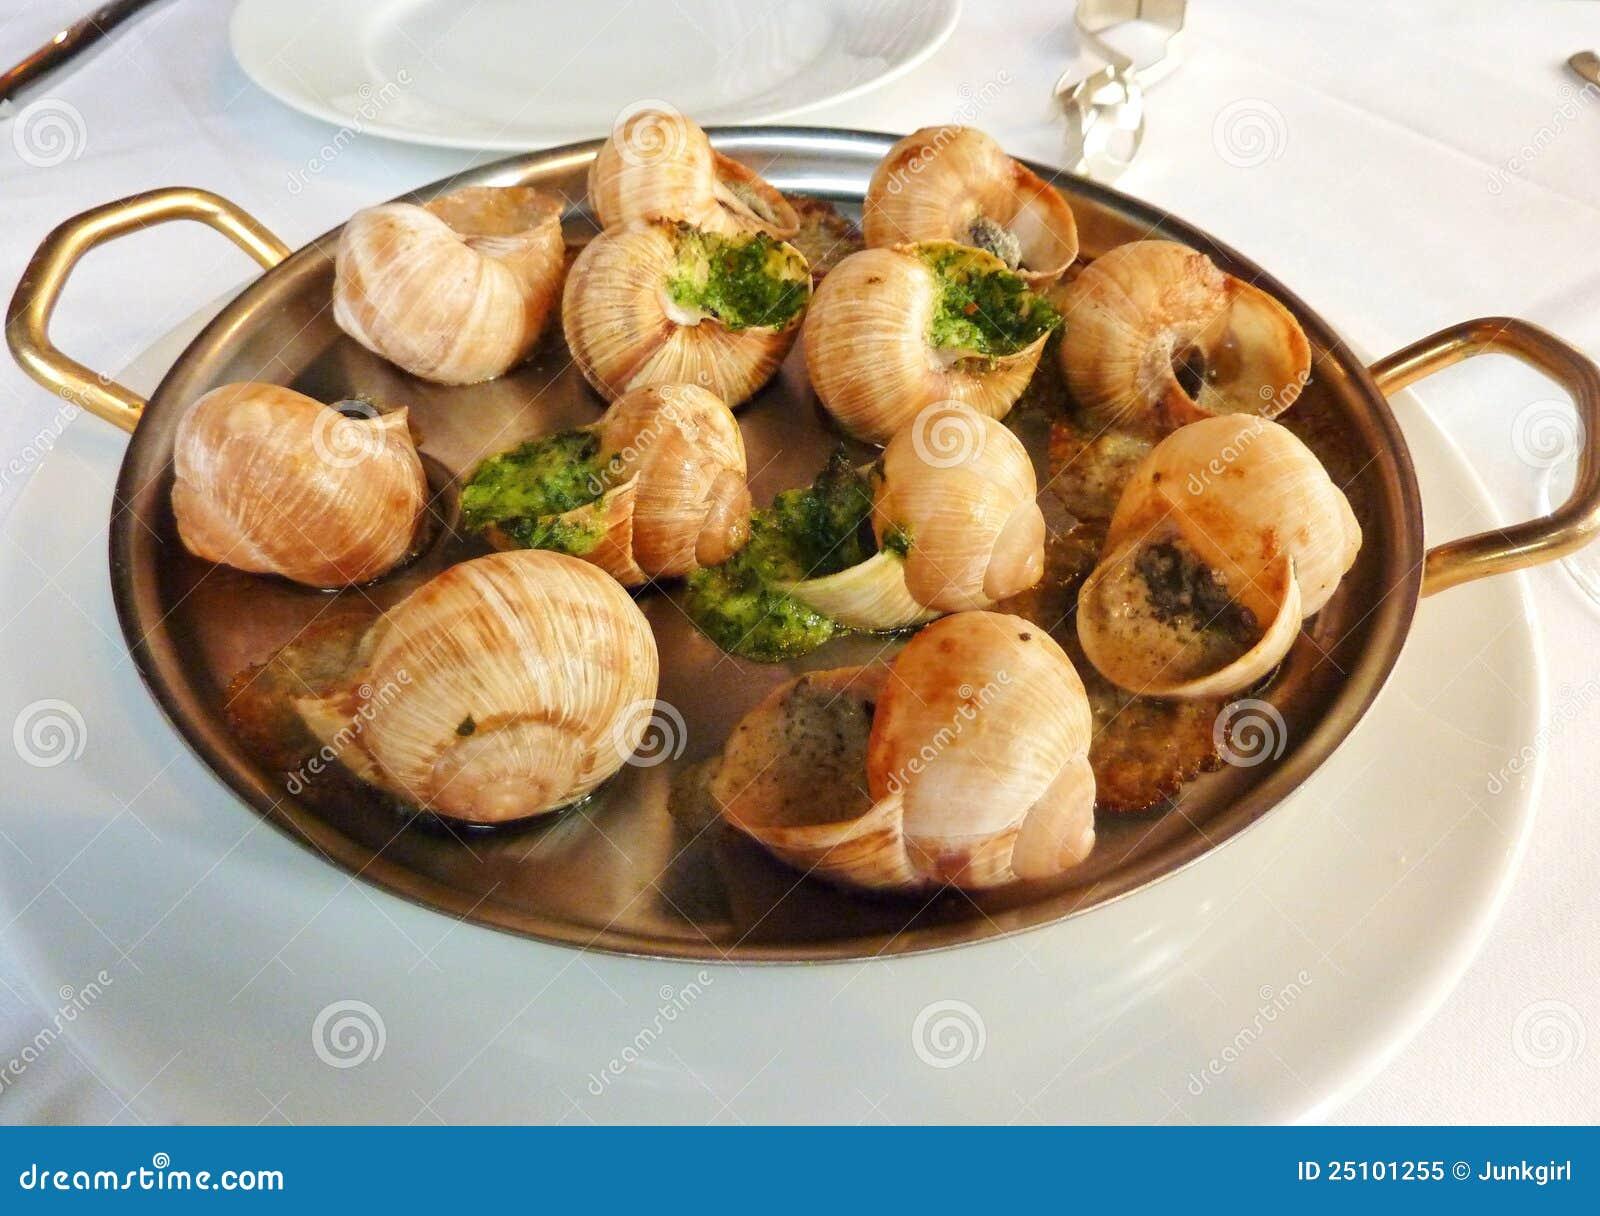 Escargot served